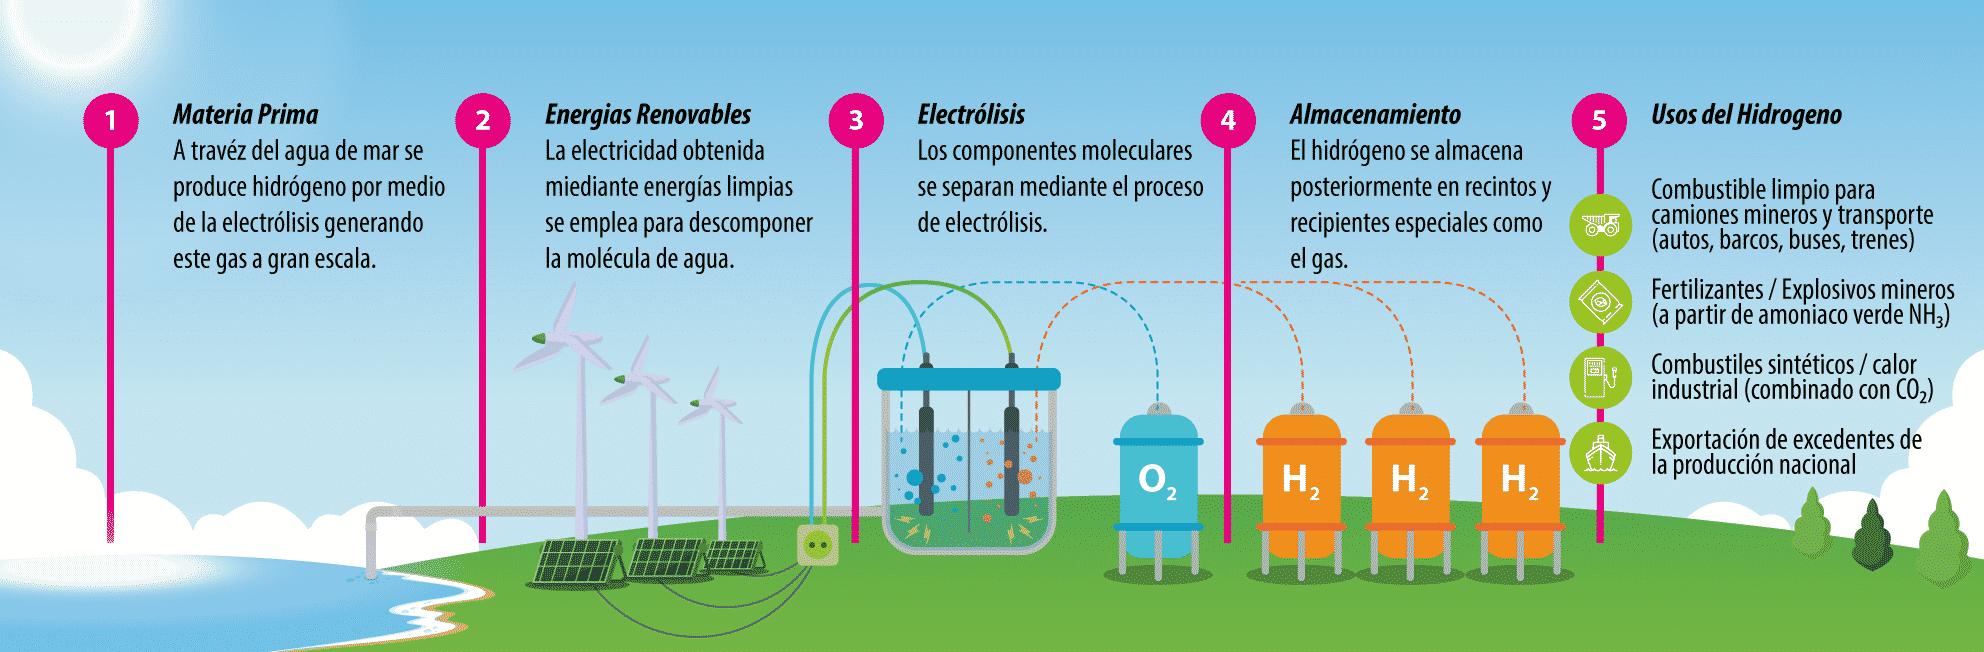 Esquema de funcionamiento de generación de hidrgeno